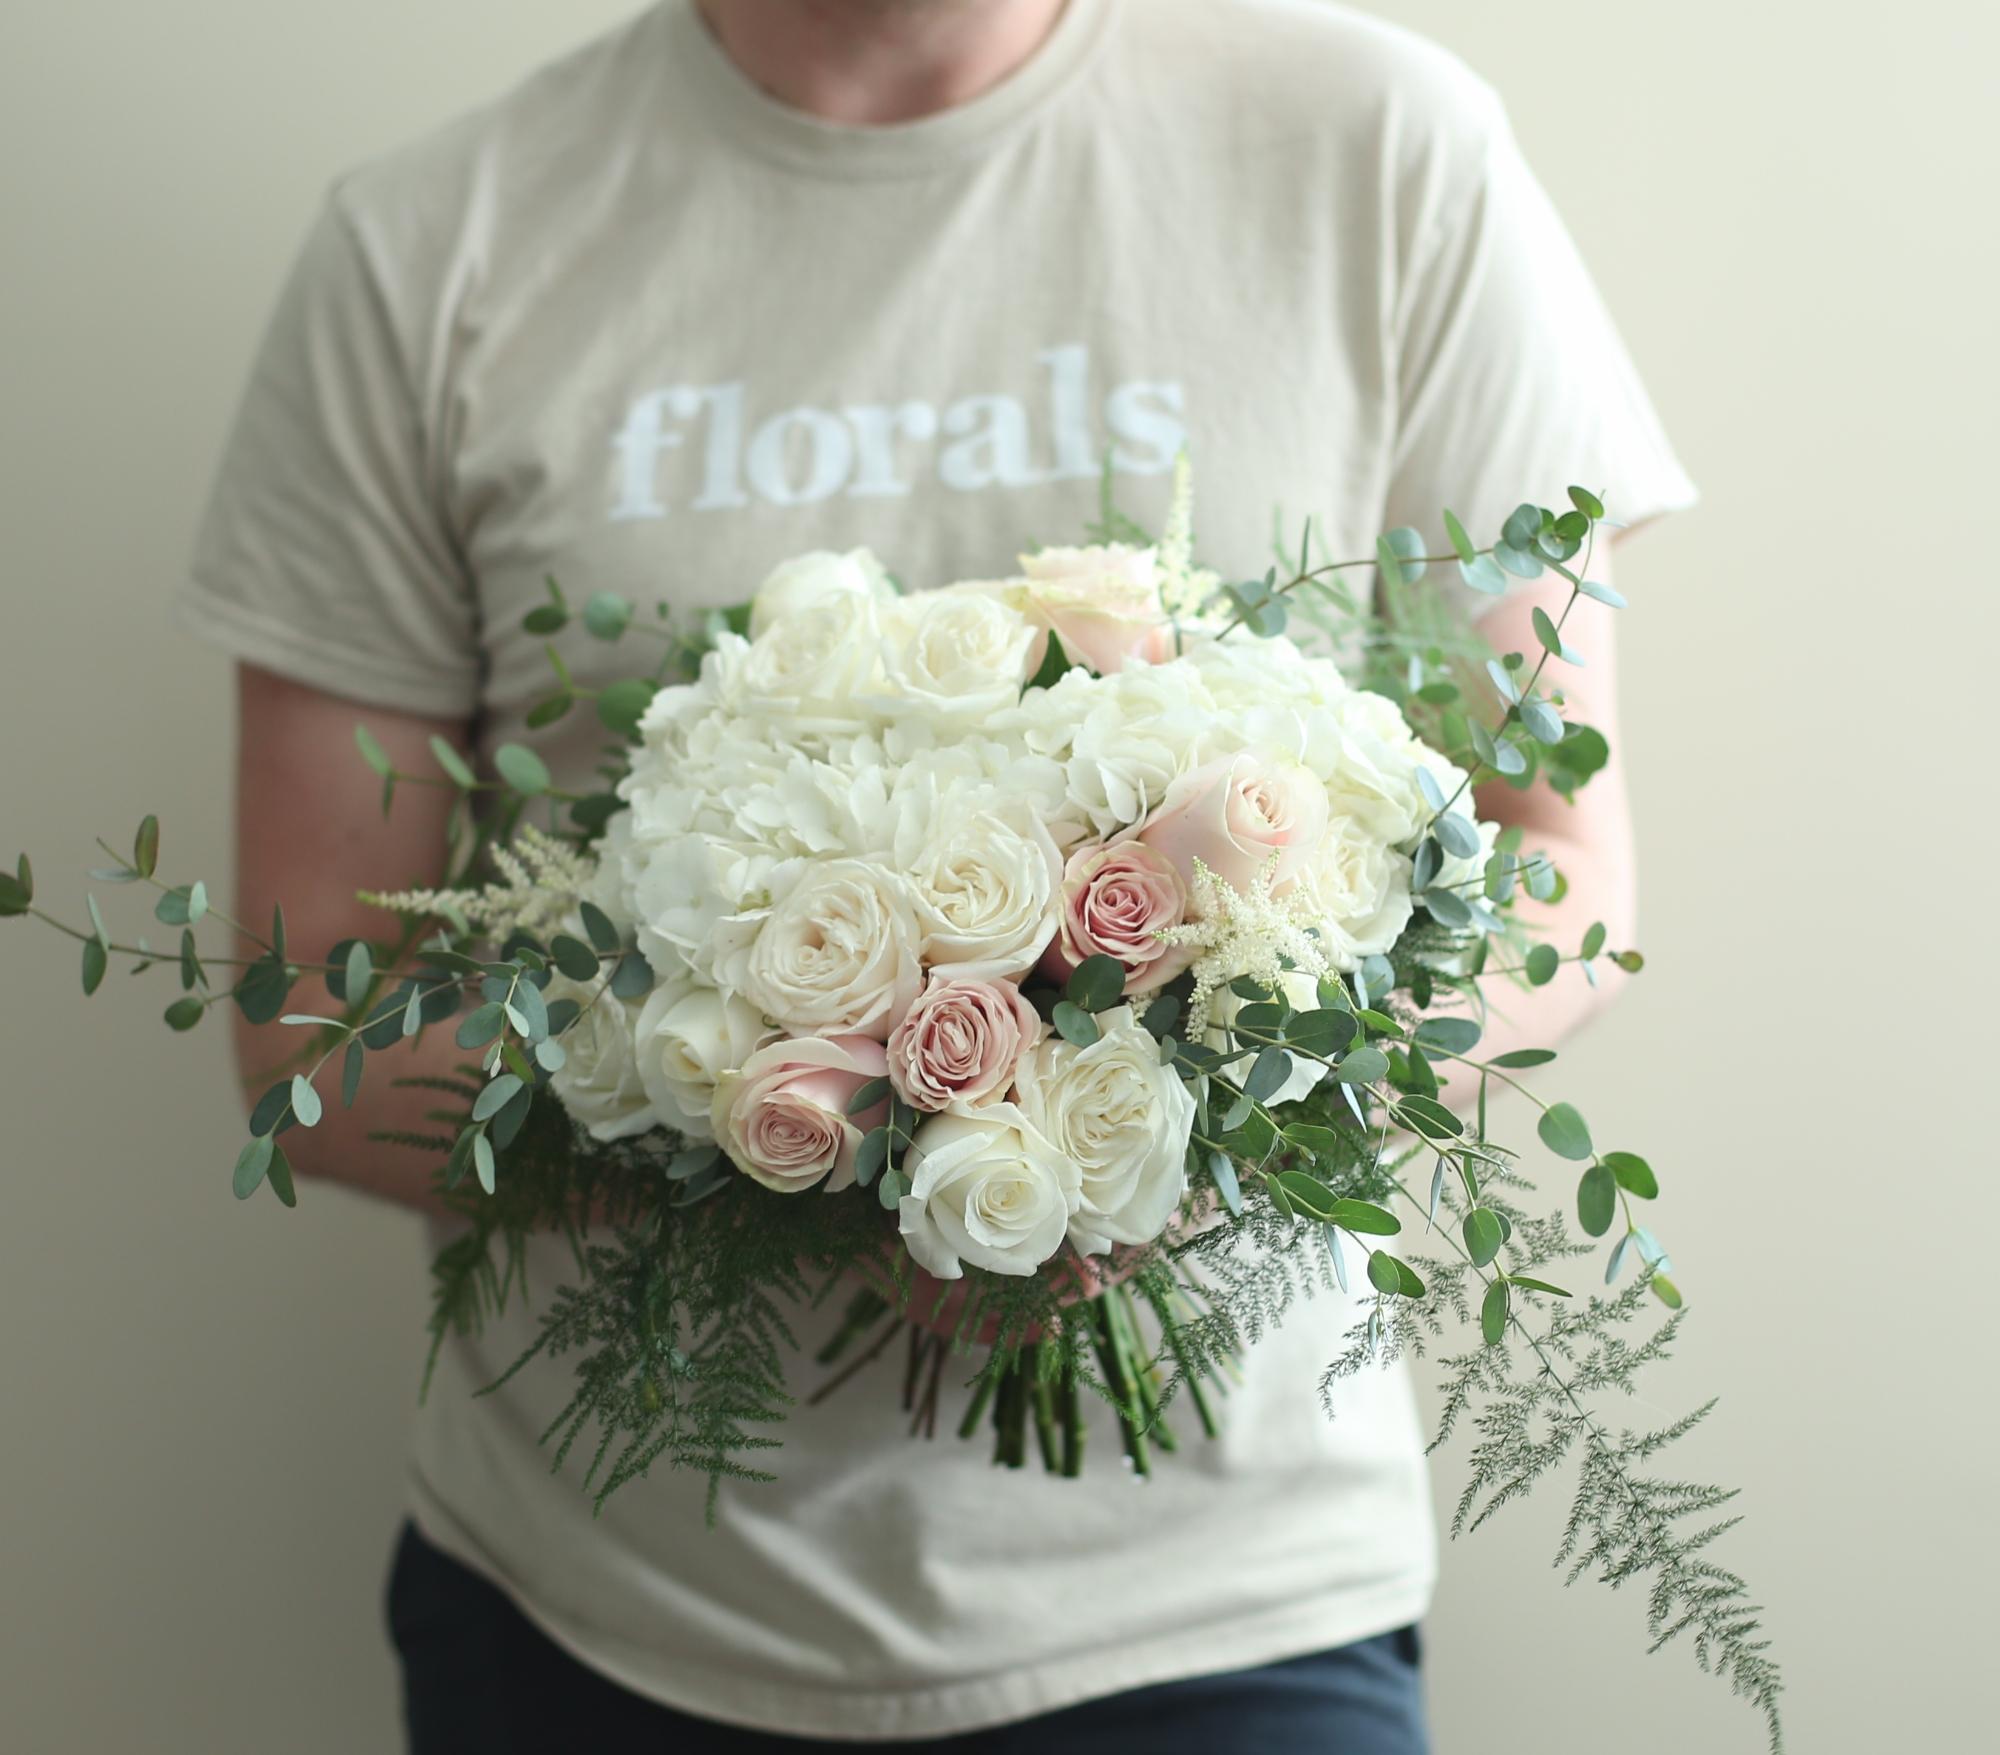 Faulks Floral Co classic bridal bouquet design.